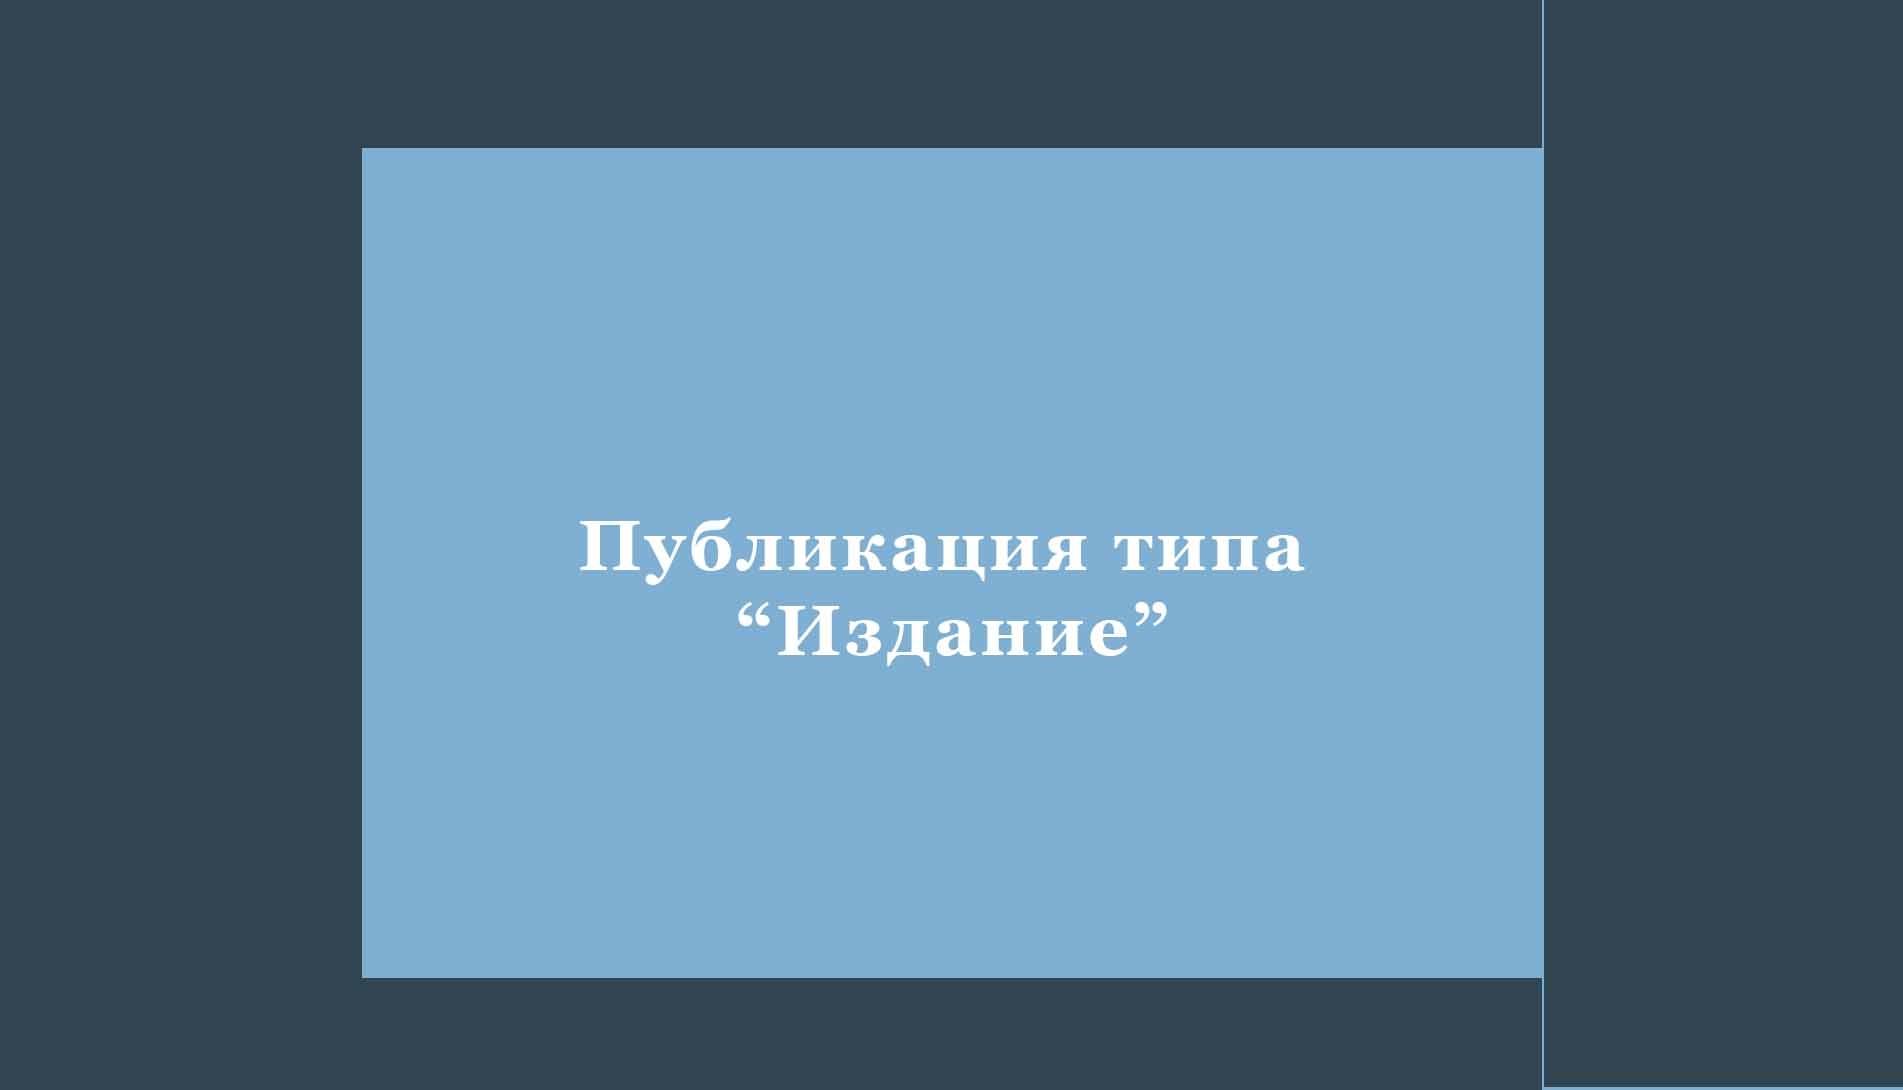 6_izdanie_glavnaya_fotografiya_publikacii_.jpg